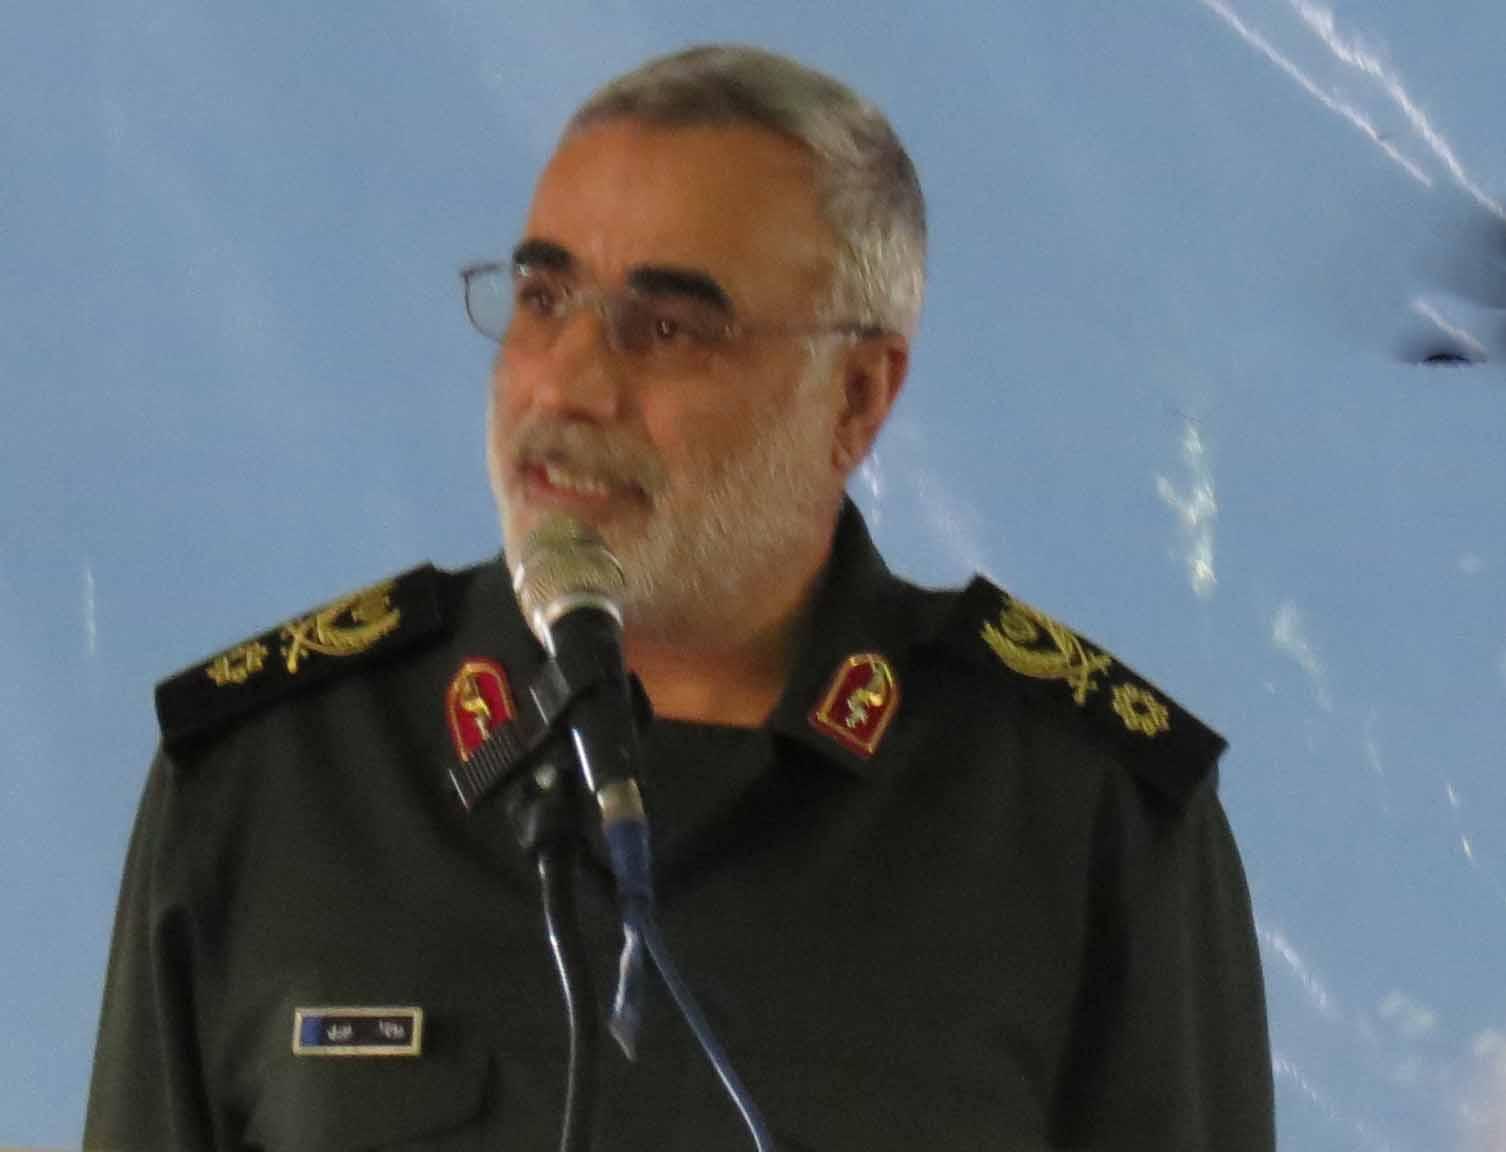 سردار نوری: همه موظفیم جنبه های اعتقادی، ارزشی، حماسی و بصیرتی انقلاب را تقویت کنیم